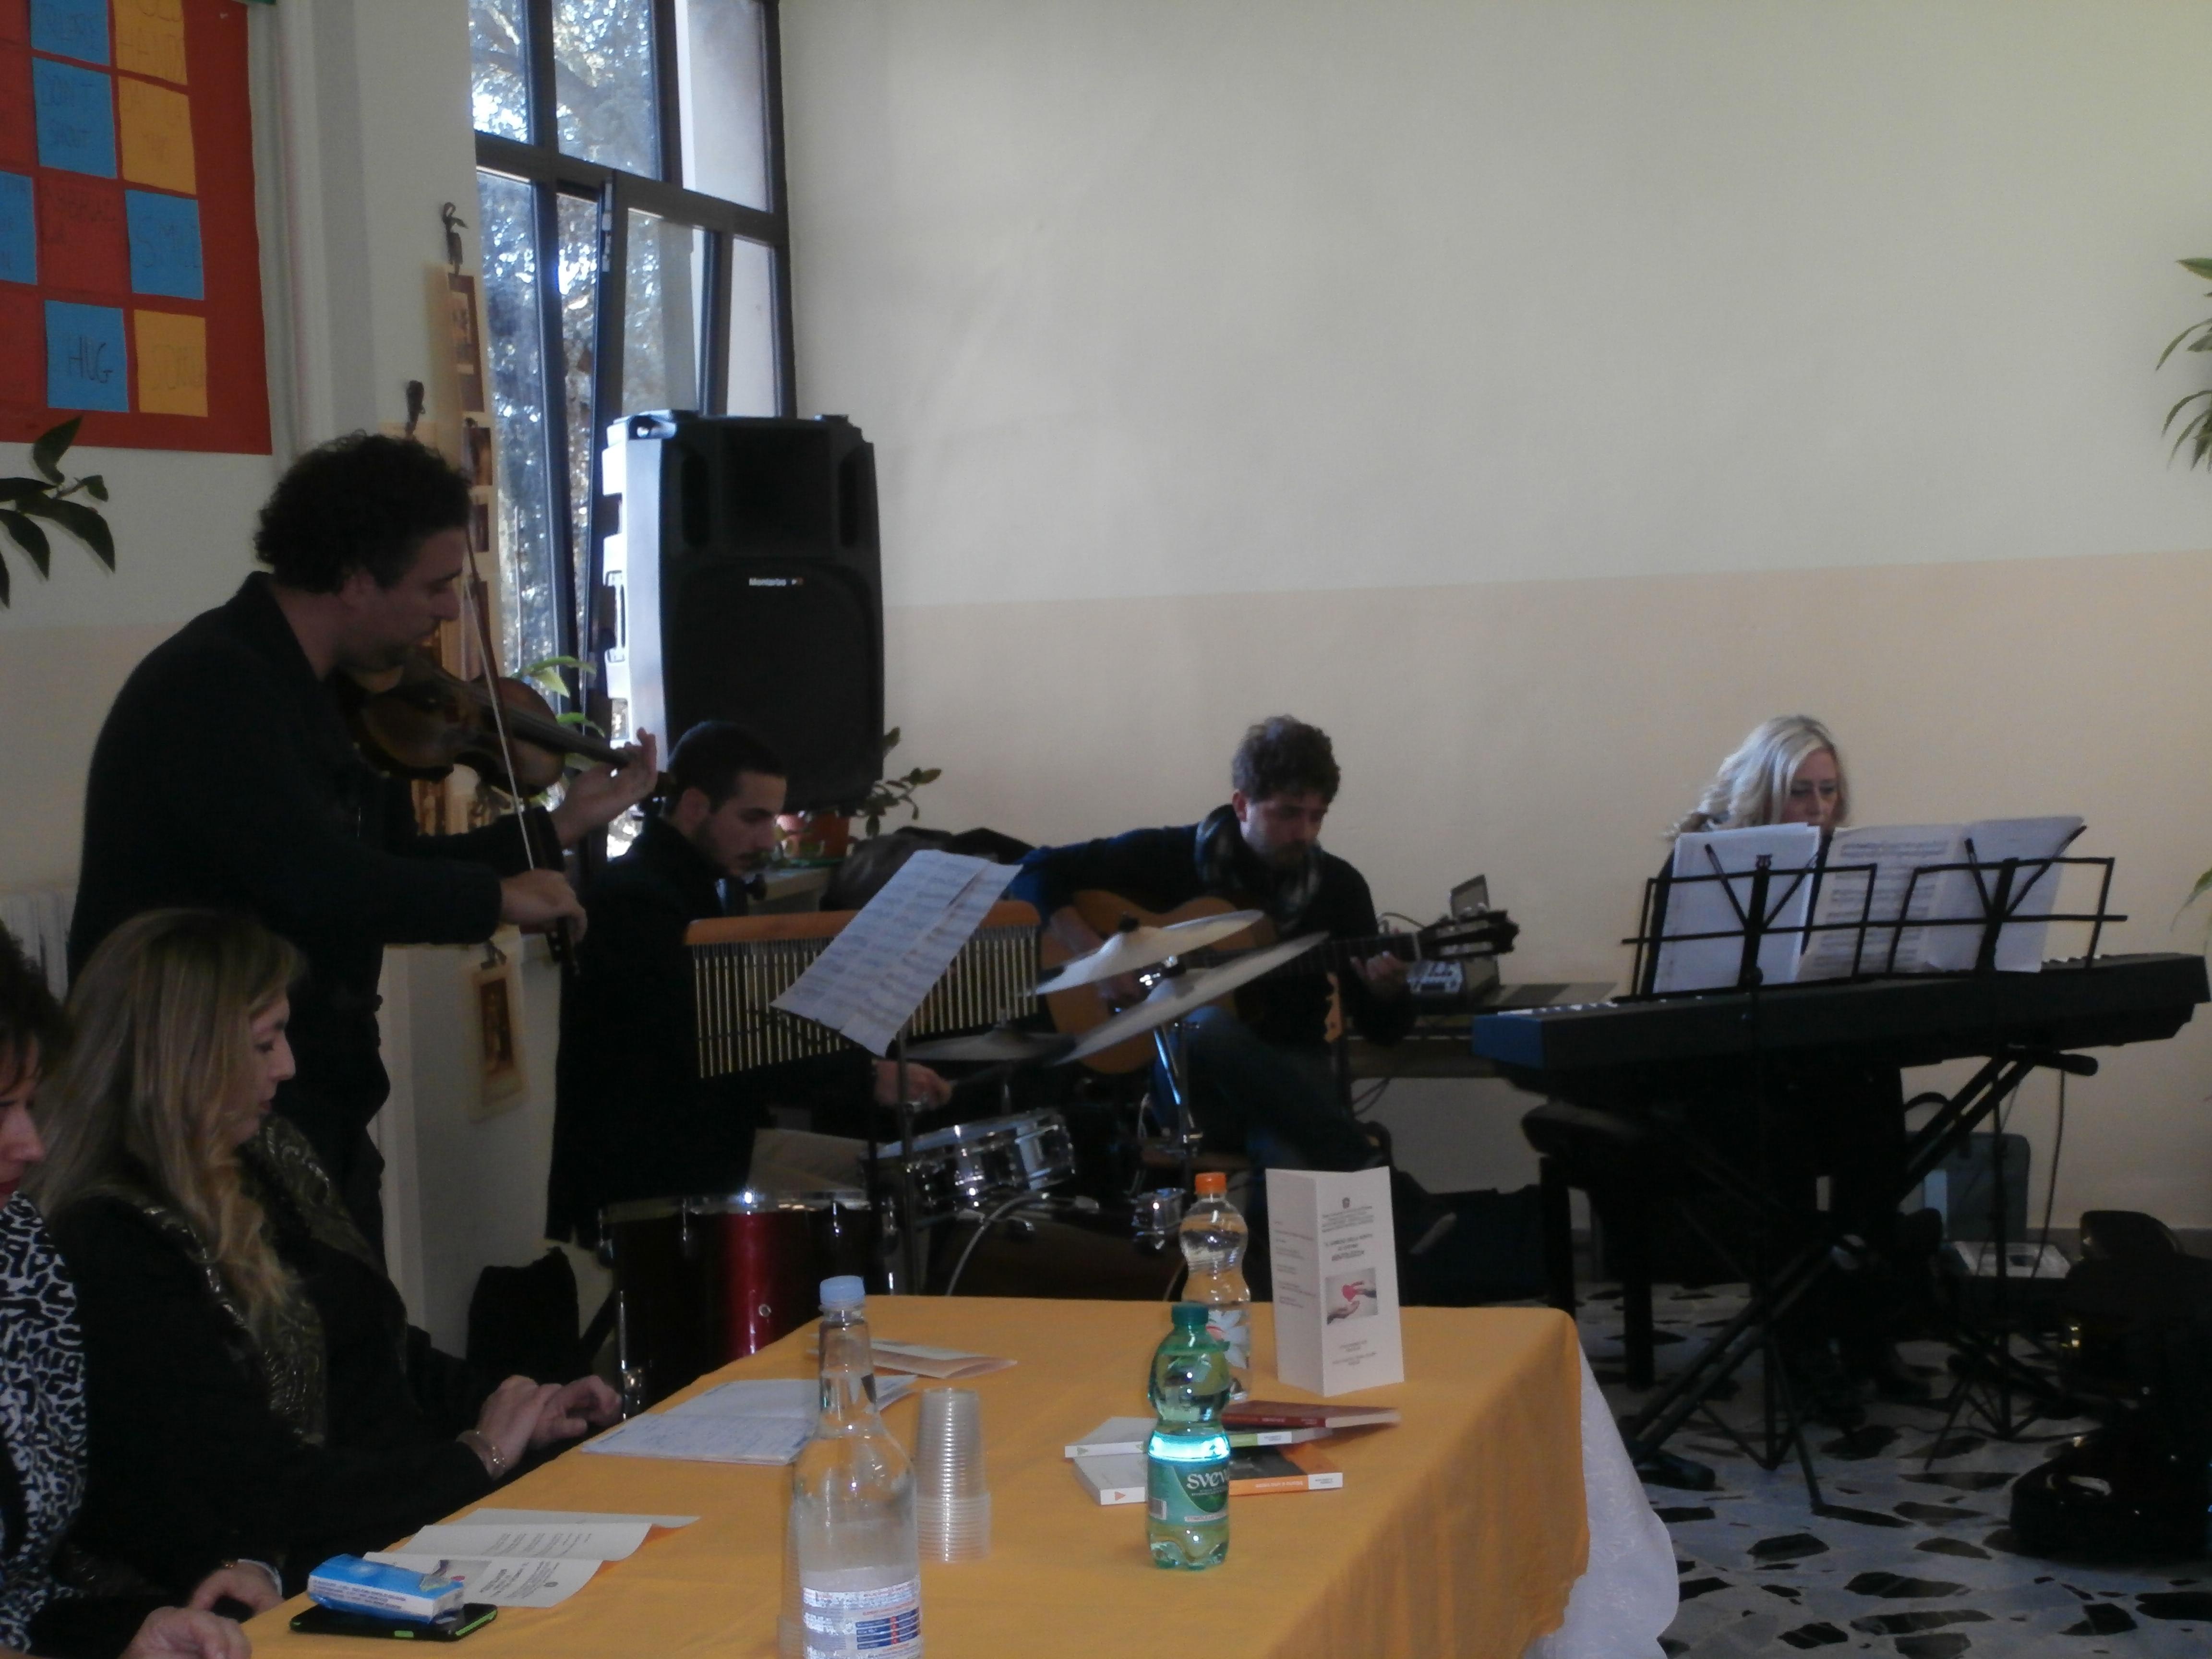 Gli Insegnanti C. Sasso, M. Cuccillato, P. Miranda e L. Gerla allietano la festa con splendidi brani musicali.